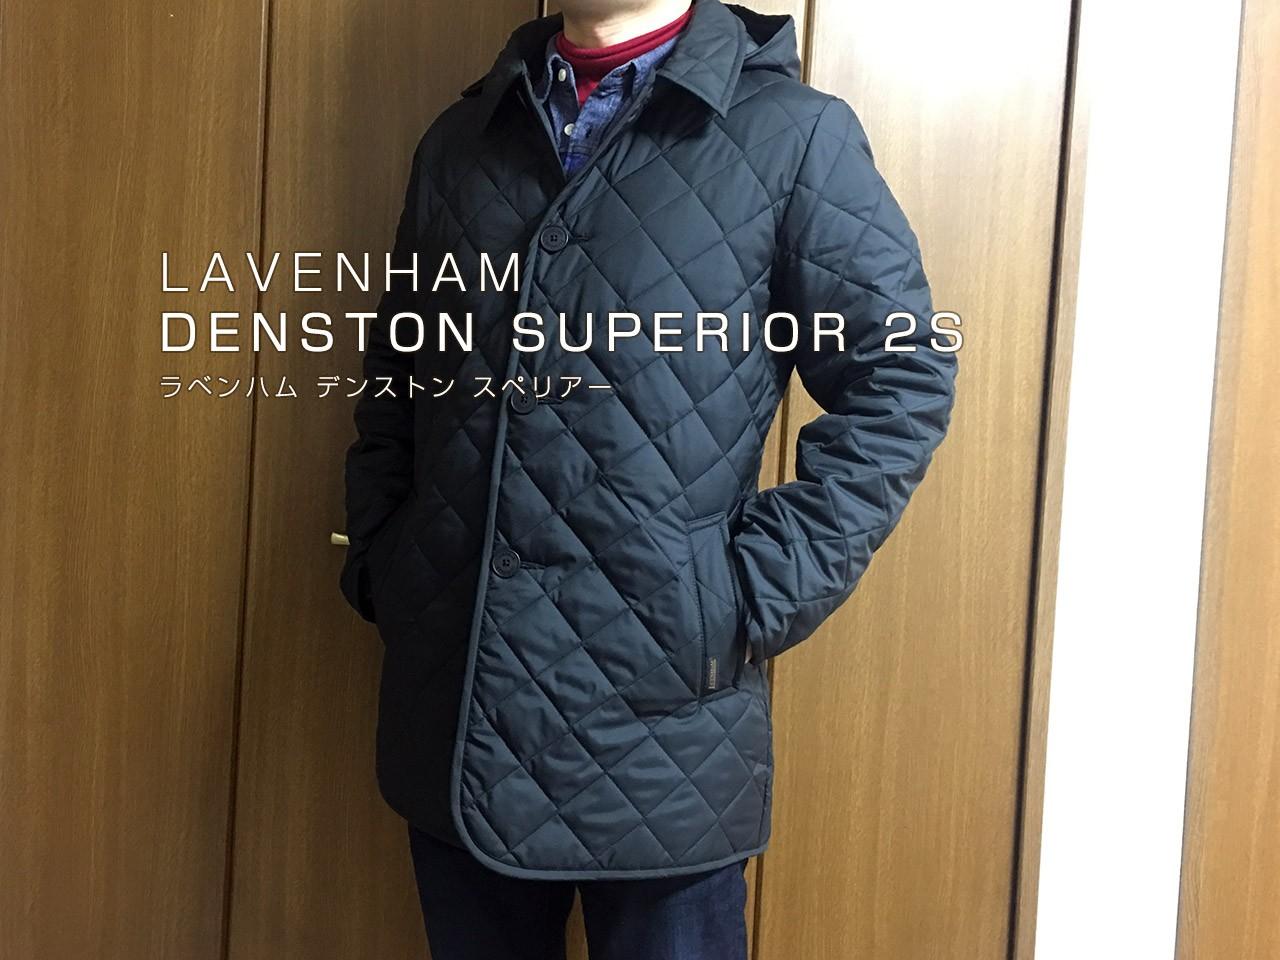 lavenham denston superior 2s